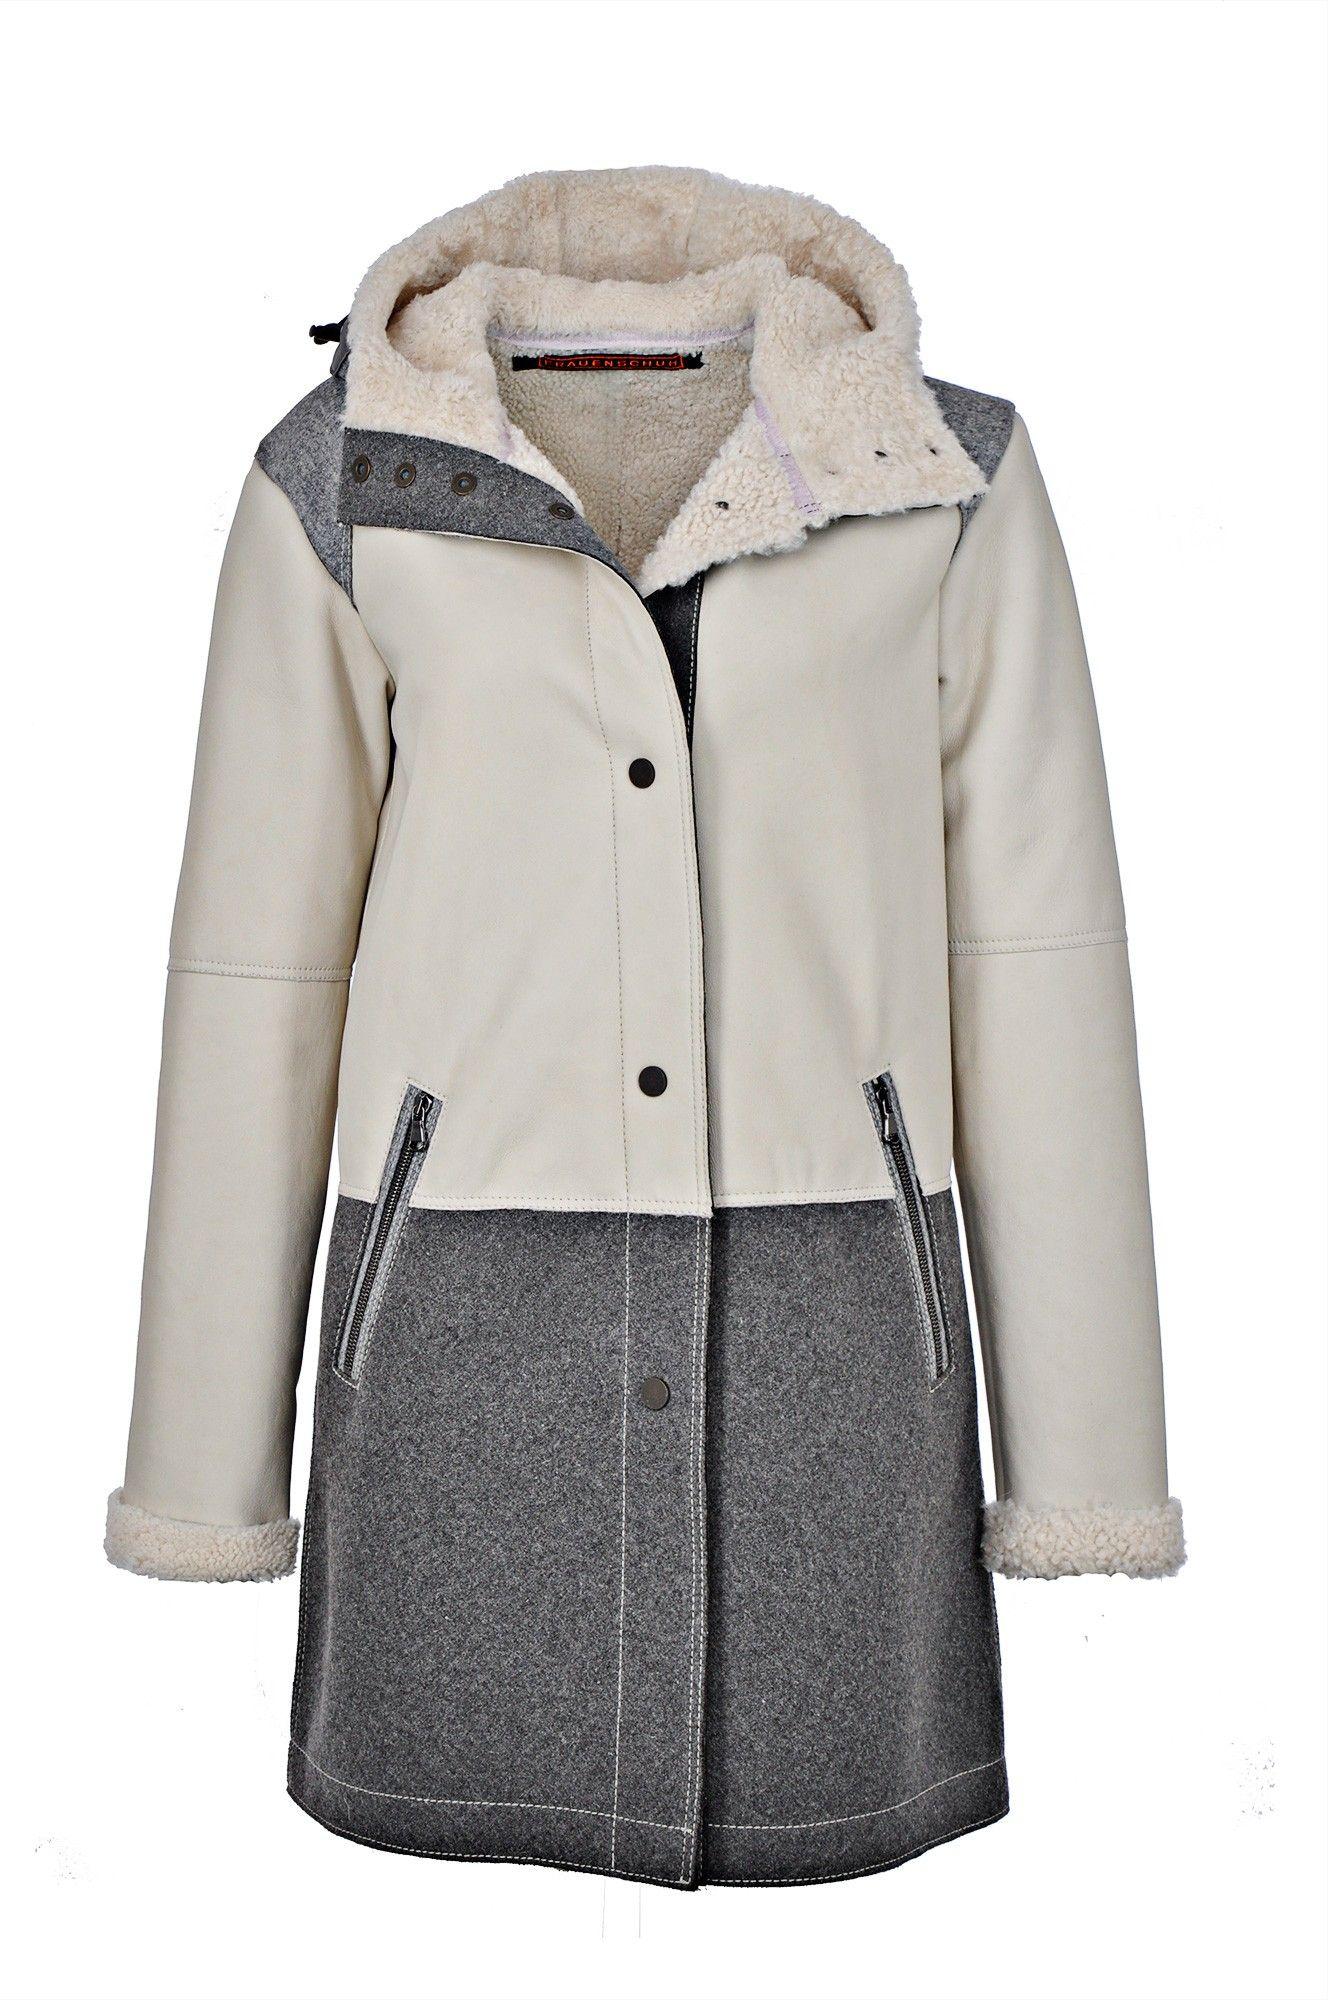 línea Aus Fabricación Abrigo Luxusmode Tienda Mujer Frauenschuh Für Lc Kitzbühel Luumulti en R6YqwUvC